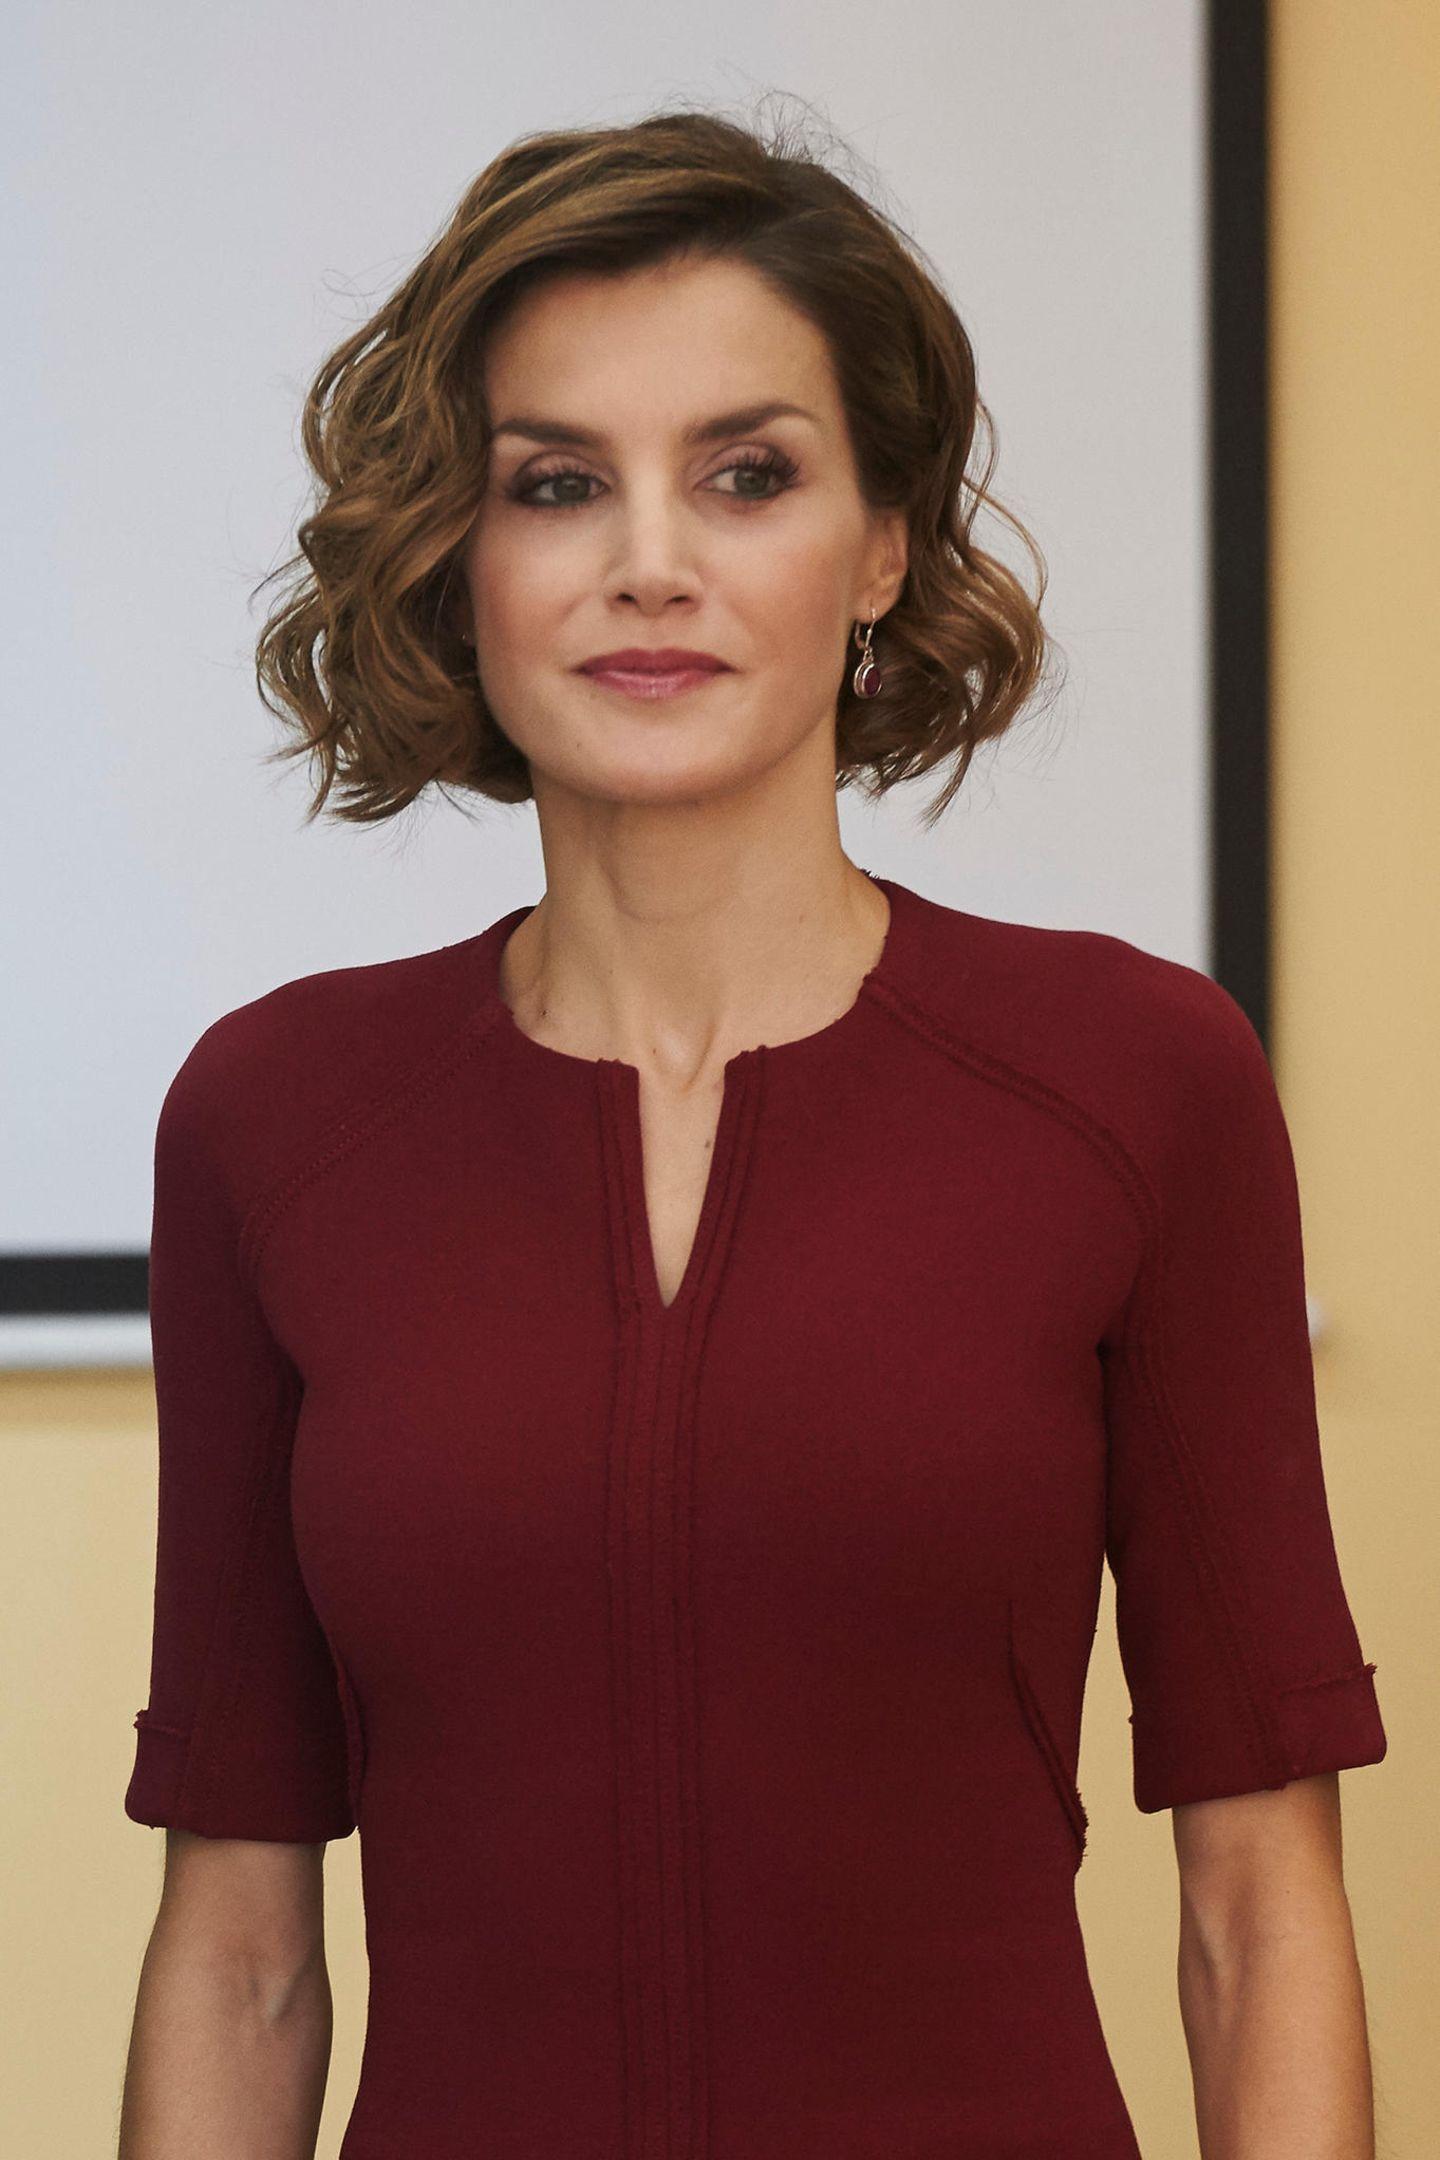 Oktober 2015  Die kurzen, leicht gewellten Haare stehen der Königin von Spanien sehr gut. Zum bordeaux-farbenen Kleid wählt die hübsche Spanierin ebenfalls einen dunkelroten Lippenstift.